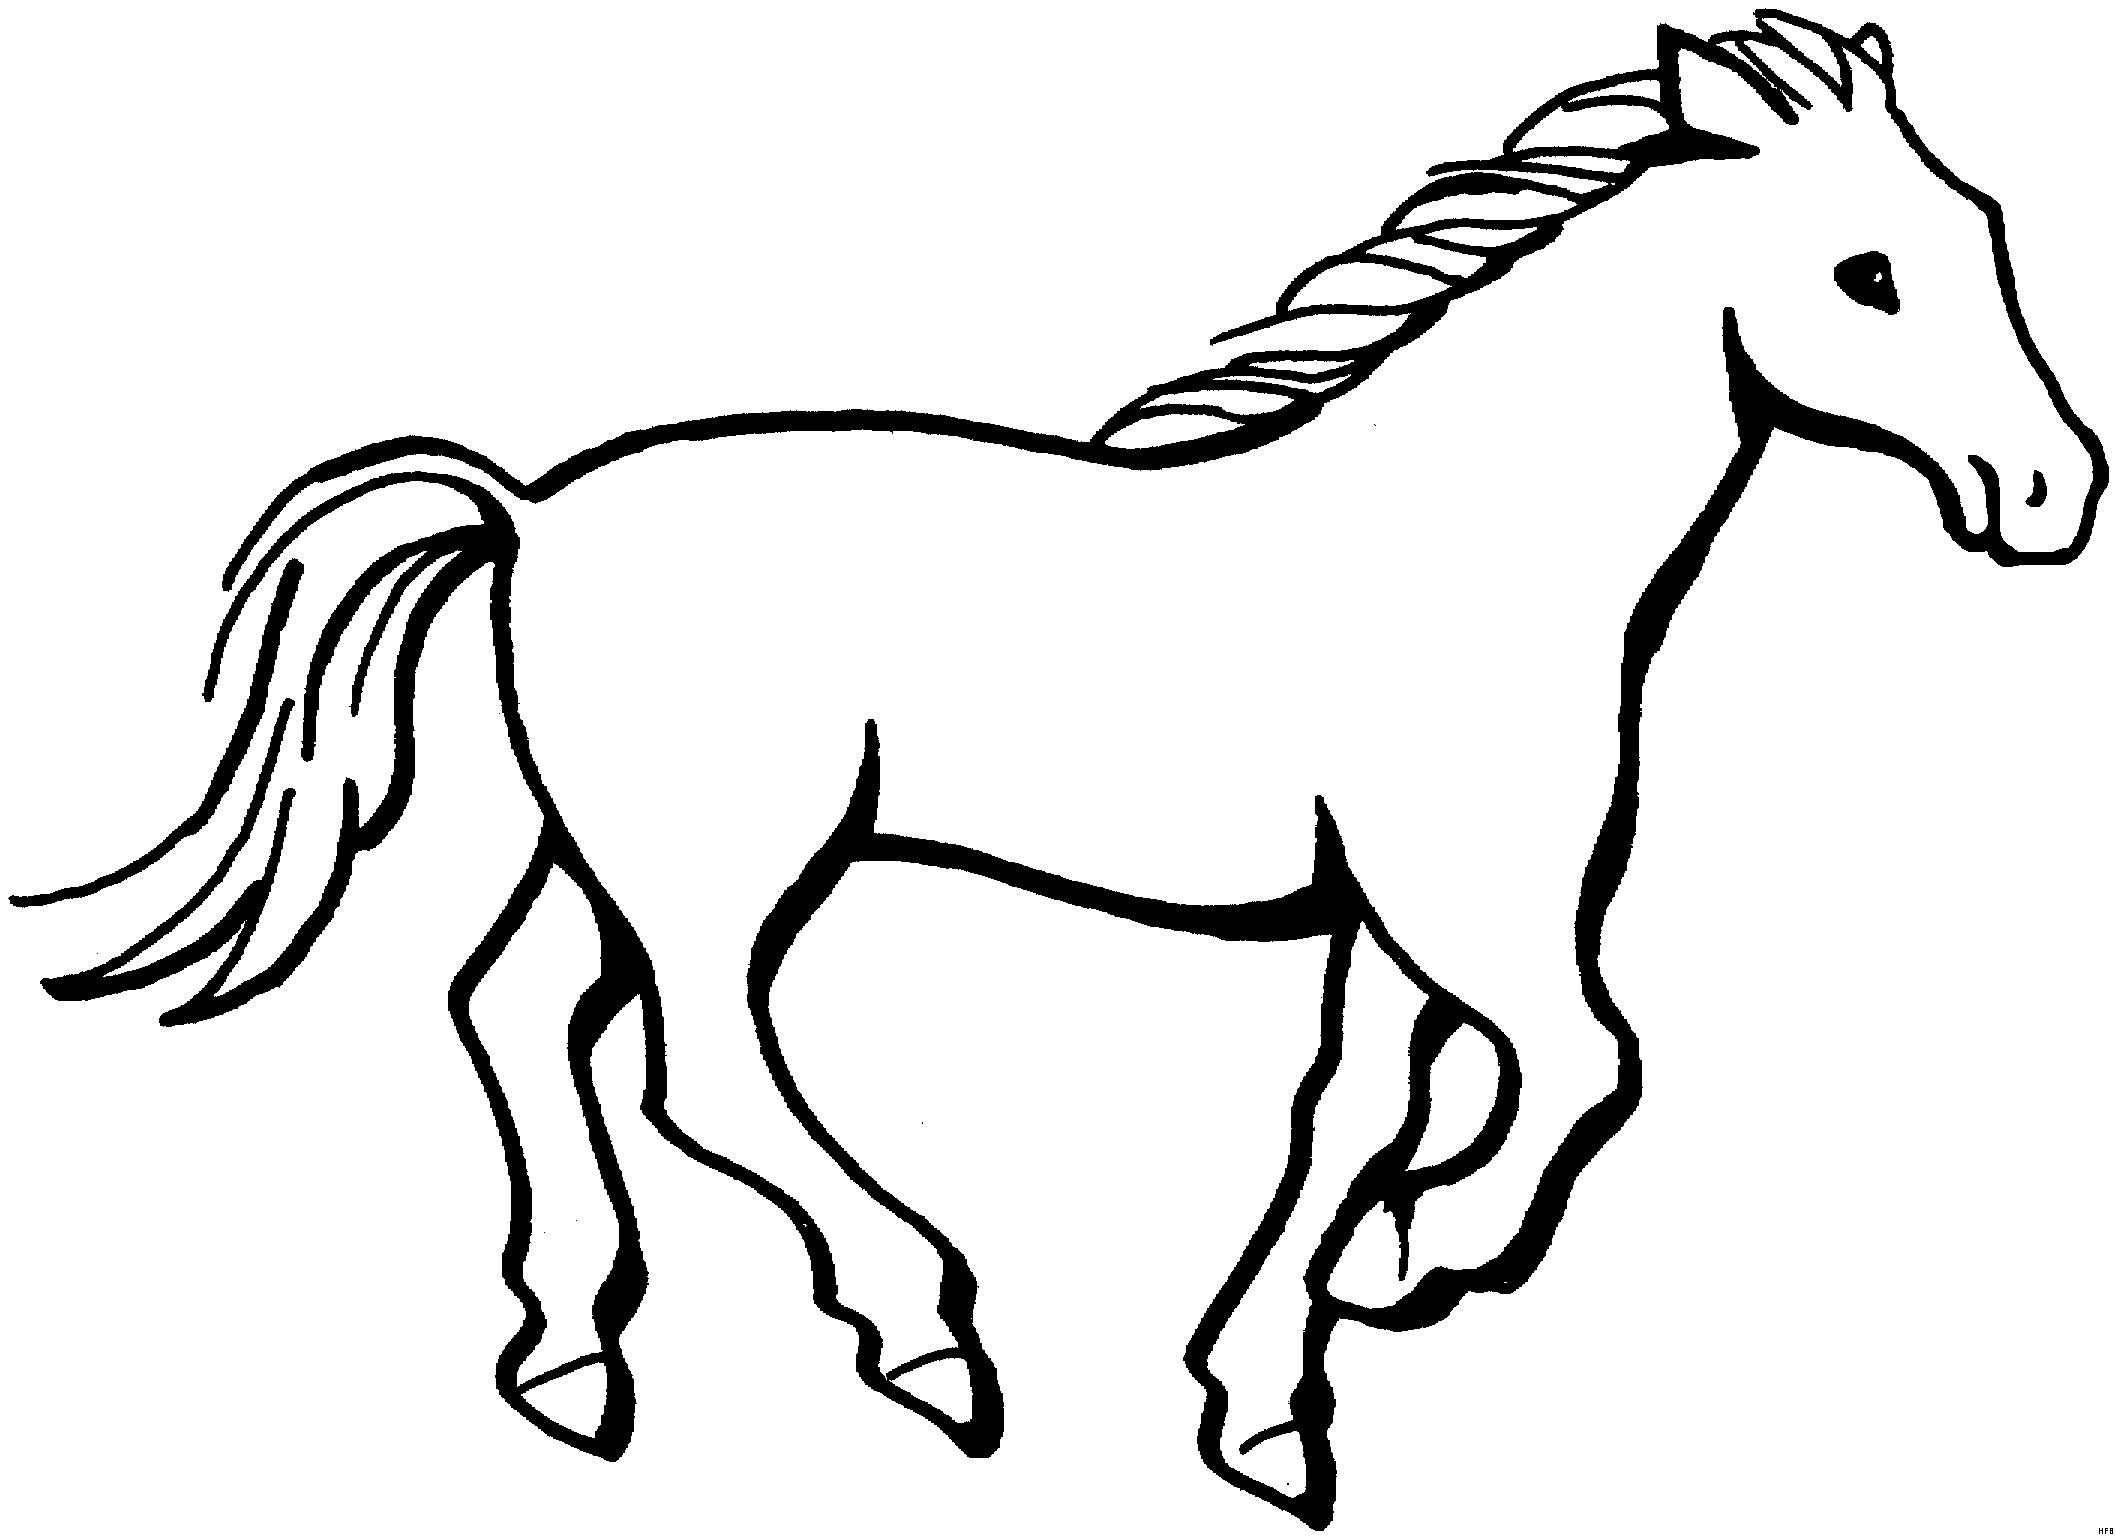 Pferde Bilder Zum Ausdrucken Genial Ausmalbilder Pferde Zum Ausdrucken Einzigartig Ausmalbild Pferd Bild